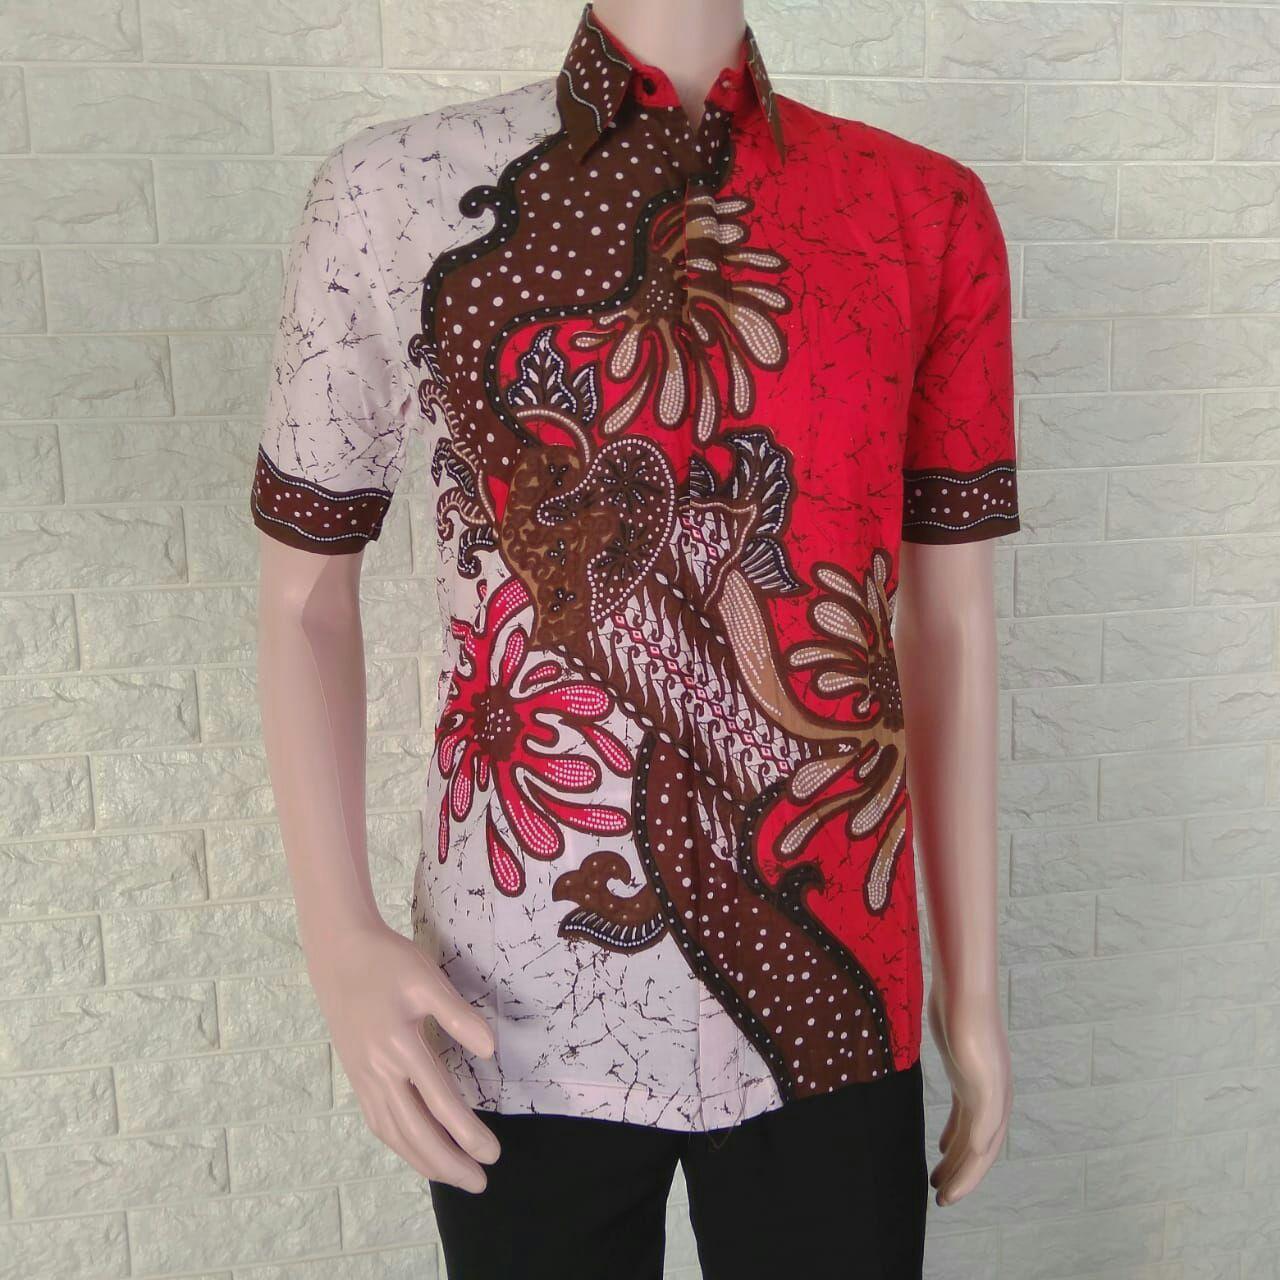 Baju Batik Kombinasi   Baju Batik Pria   Baju Batik Pria Kombinasi   Baju  Batik Pria a45a4fa199